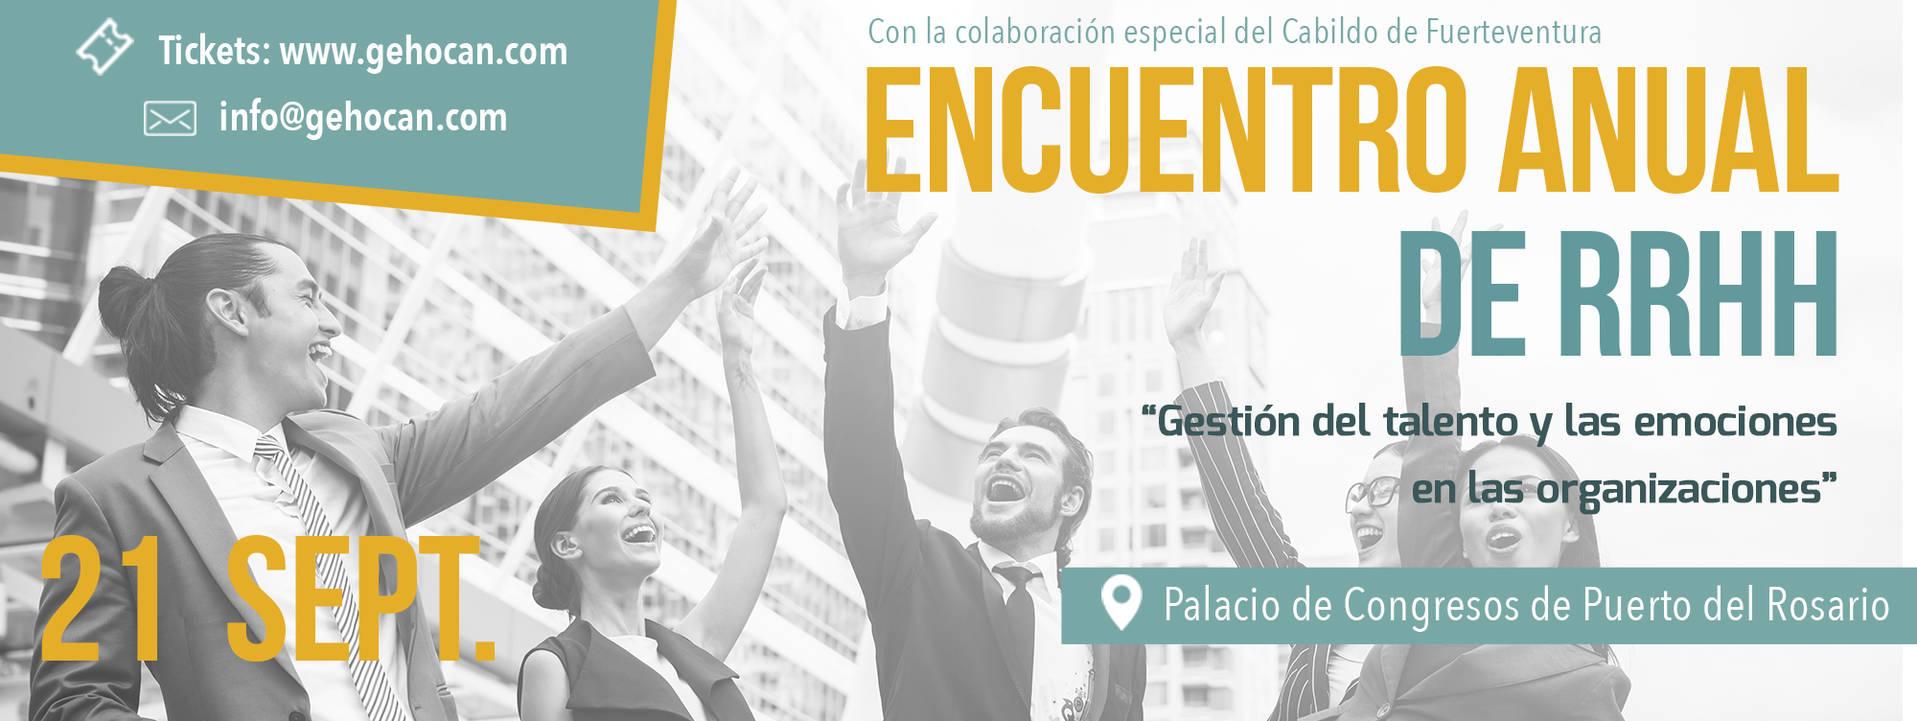 """Encuentro Anual de RRHH de Canarias en Fuerteventura: """"Gestión del talento y las emociones en las organizaciones"""""""